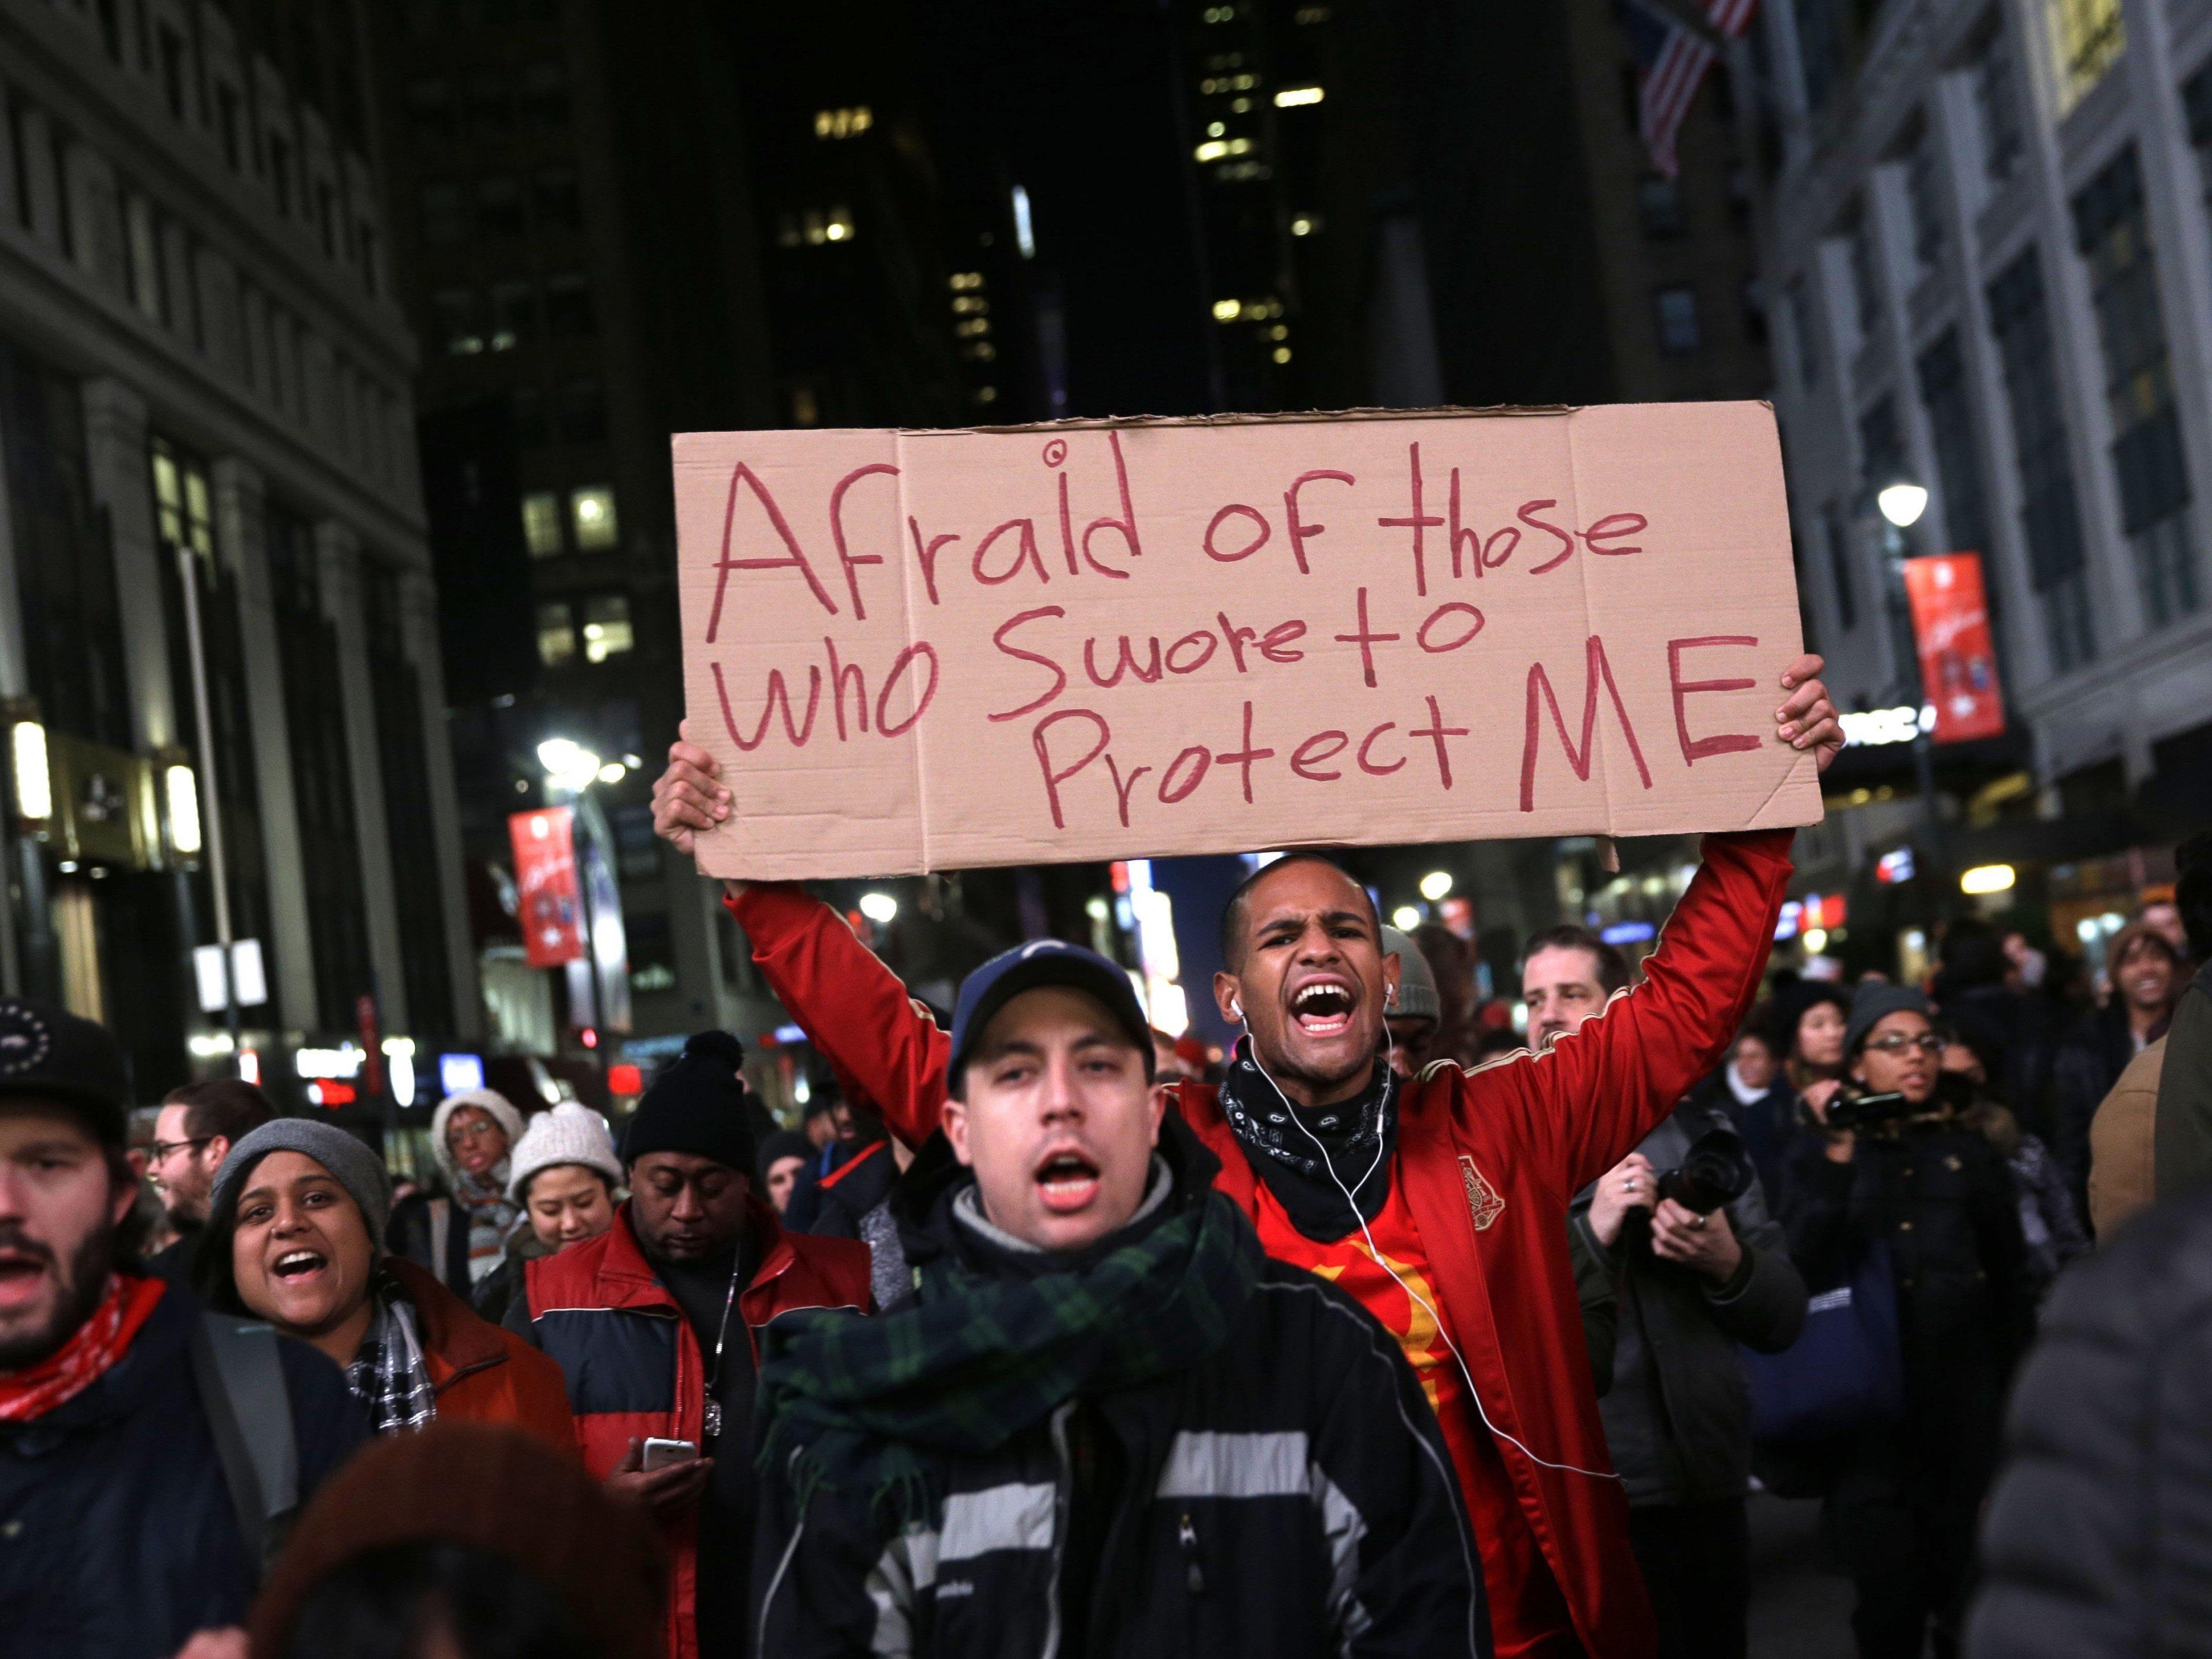 Proteste für die vier jüngsten Fälle: Vom zwölfjährigen Buben bis zum 43-jährigen Familienvater.